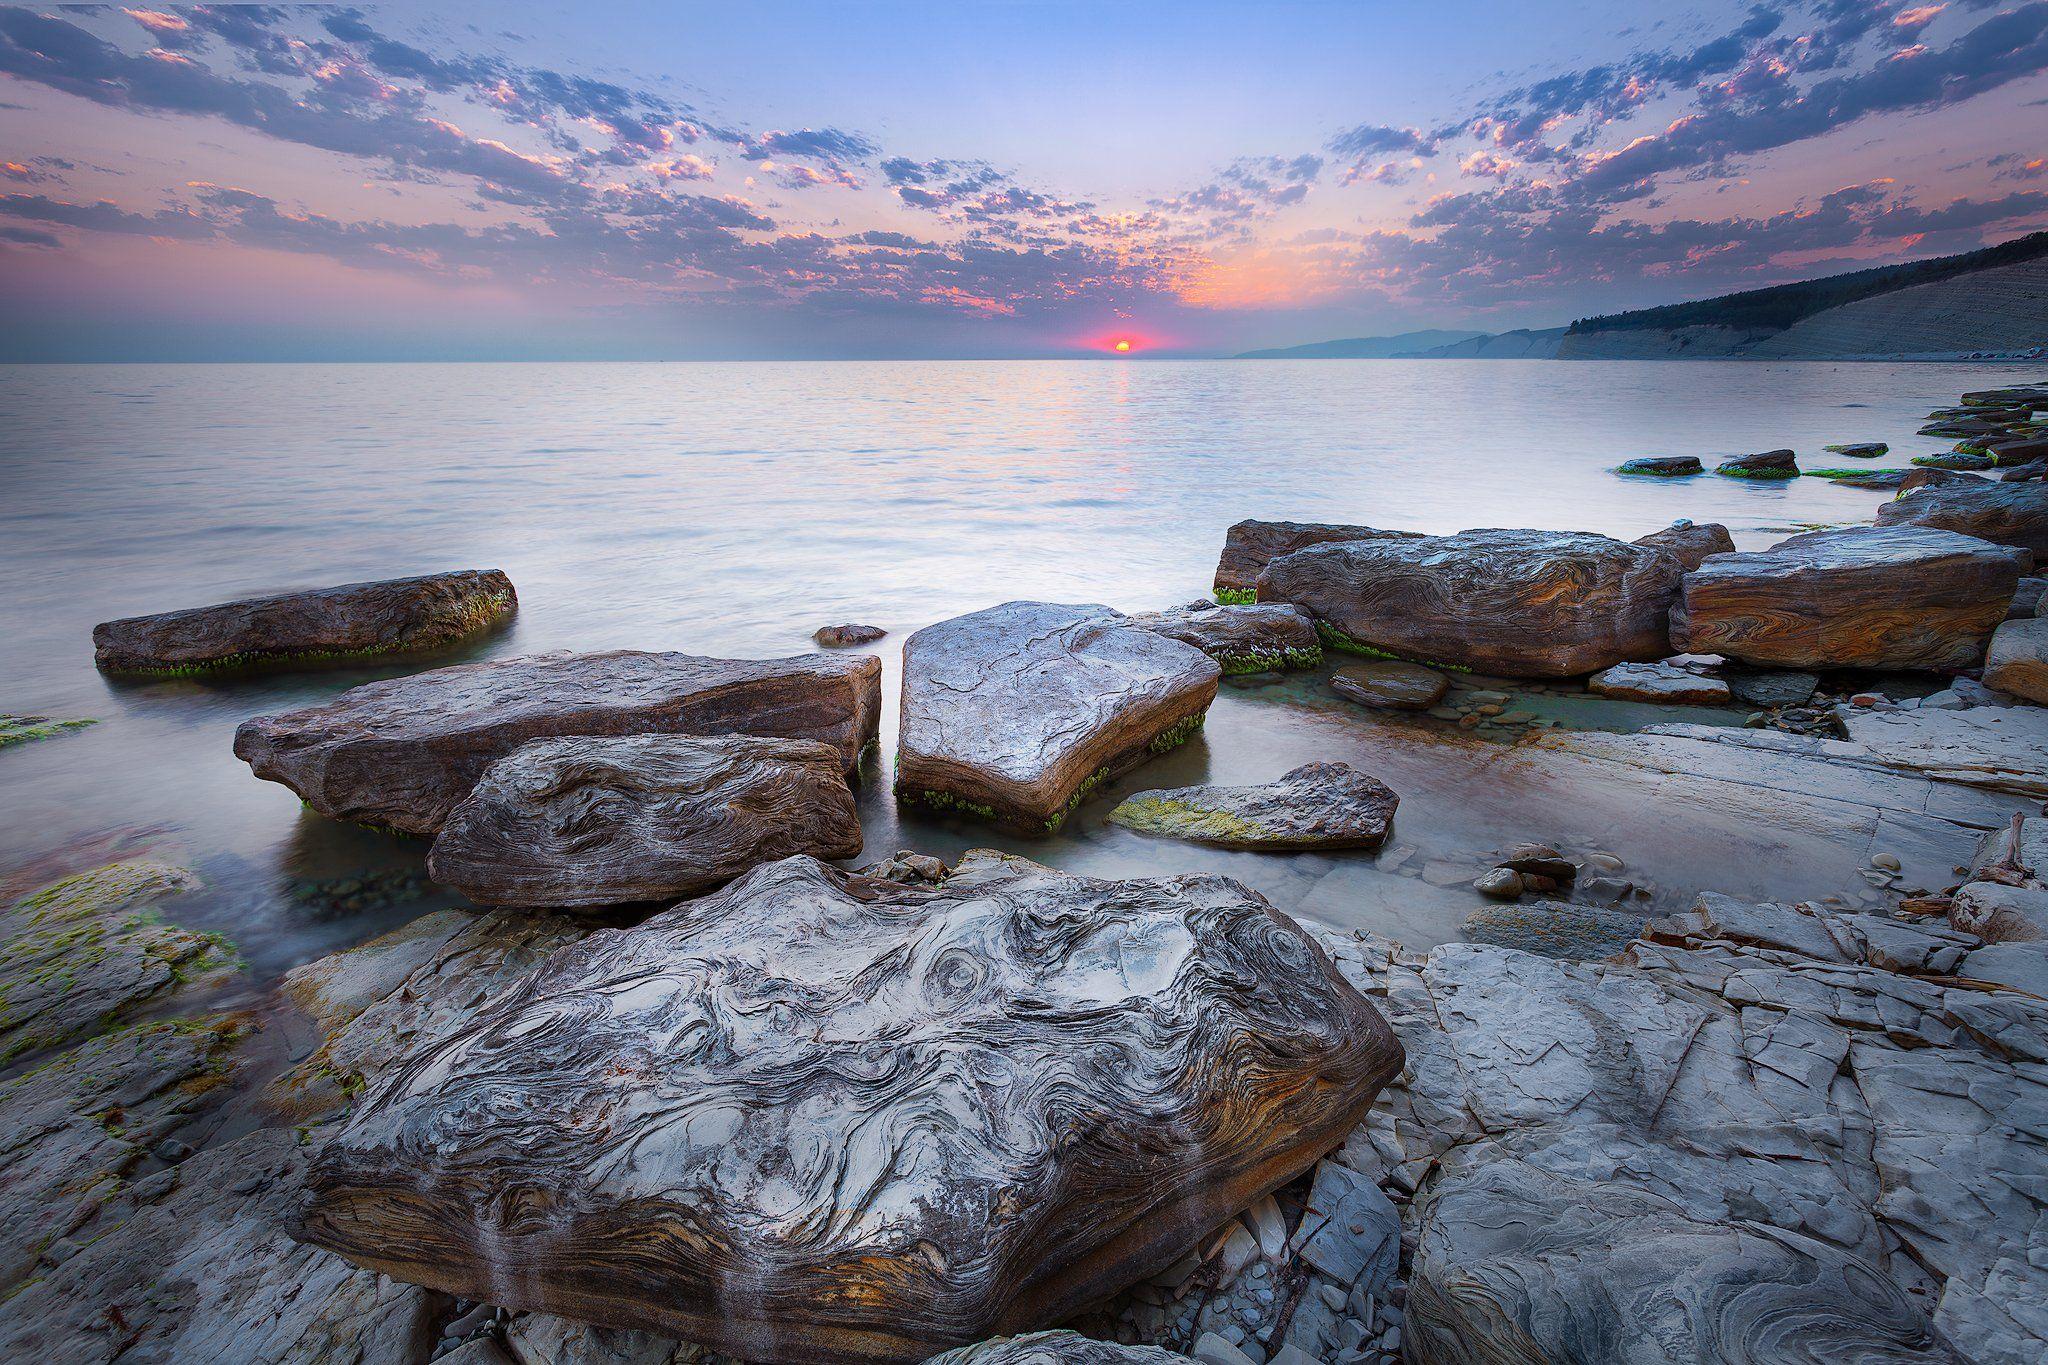 черне море, закат, камни, узоры,, Андрей Огнев